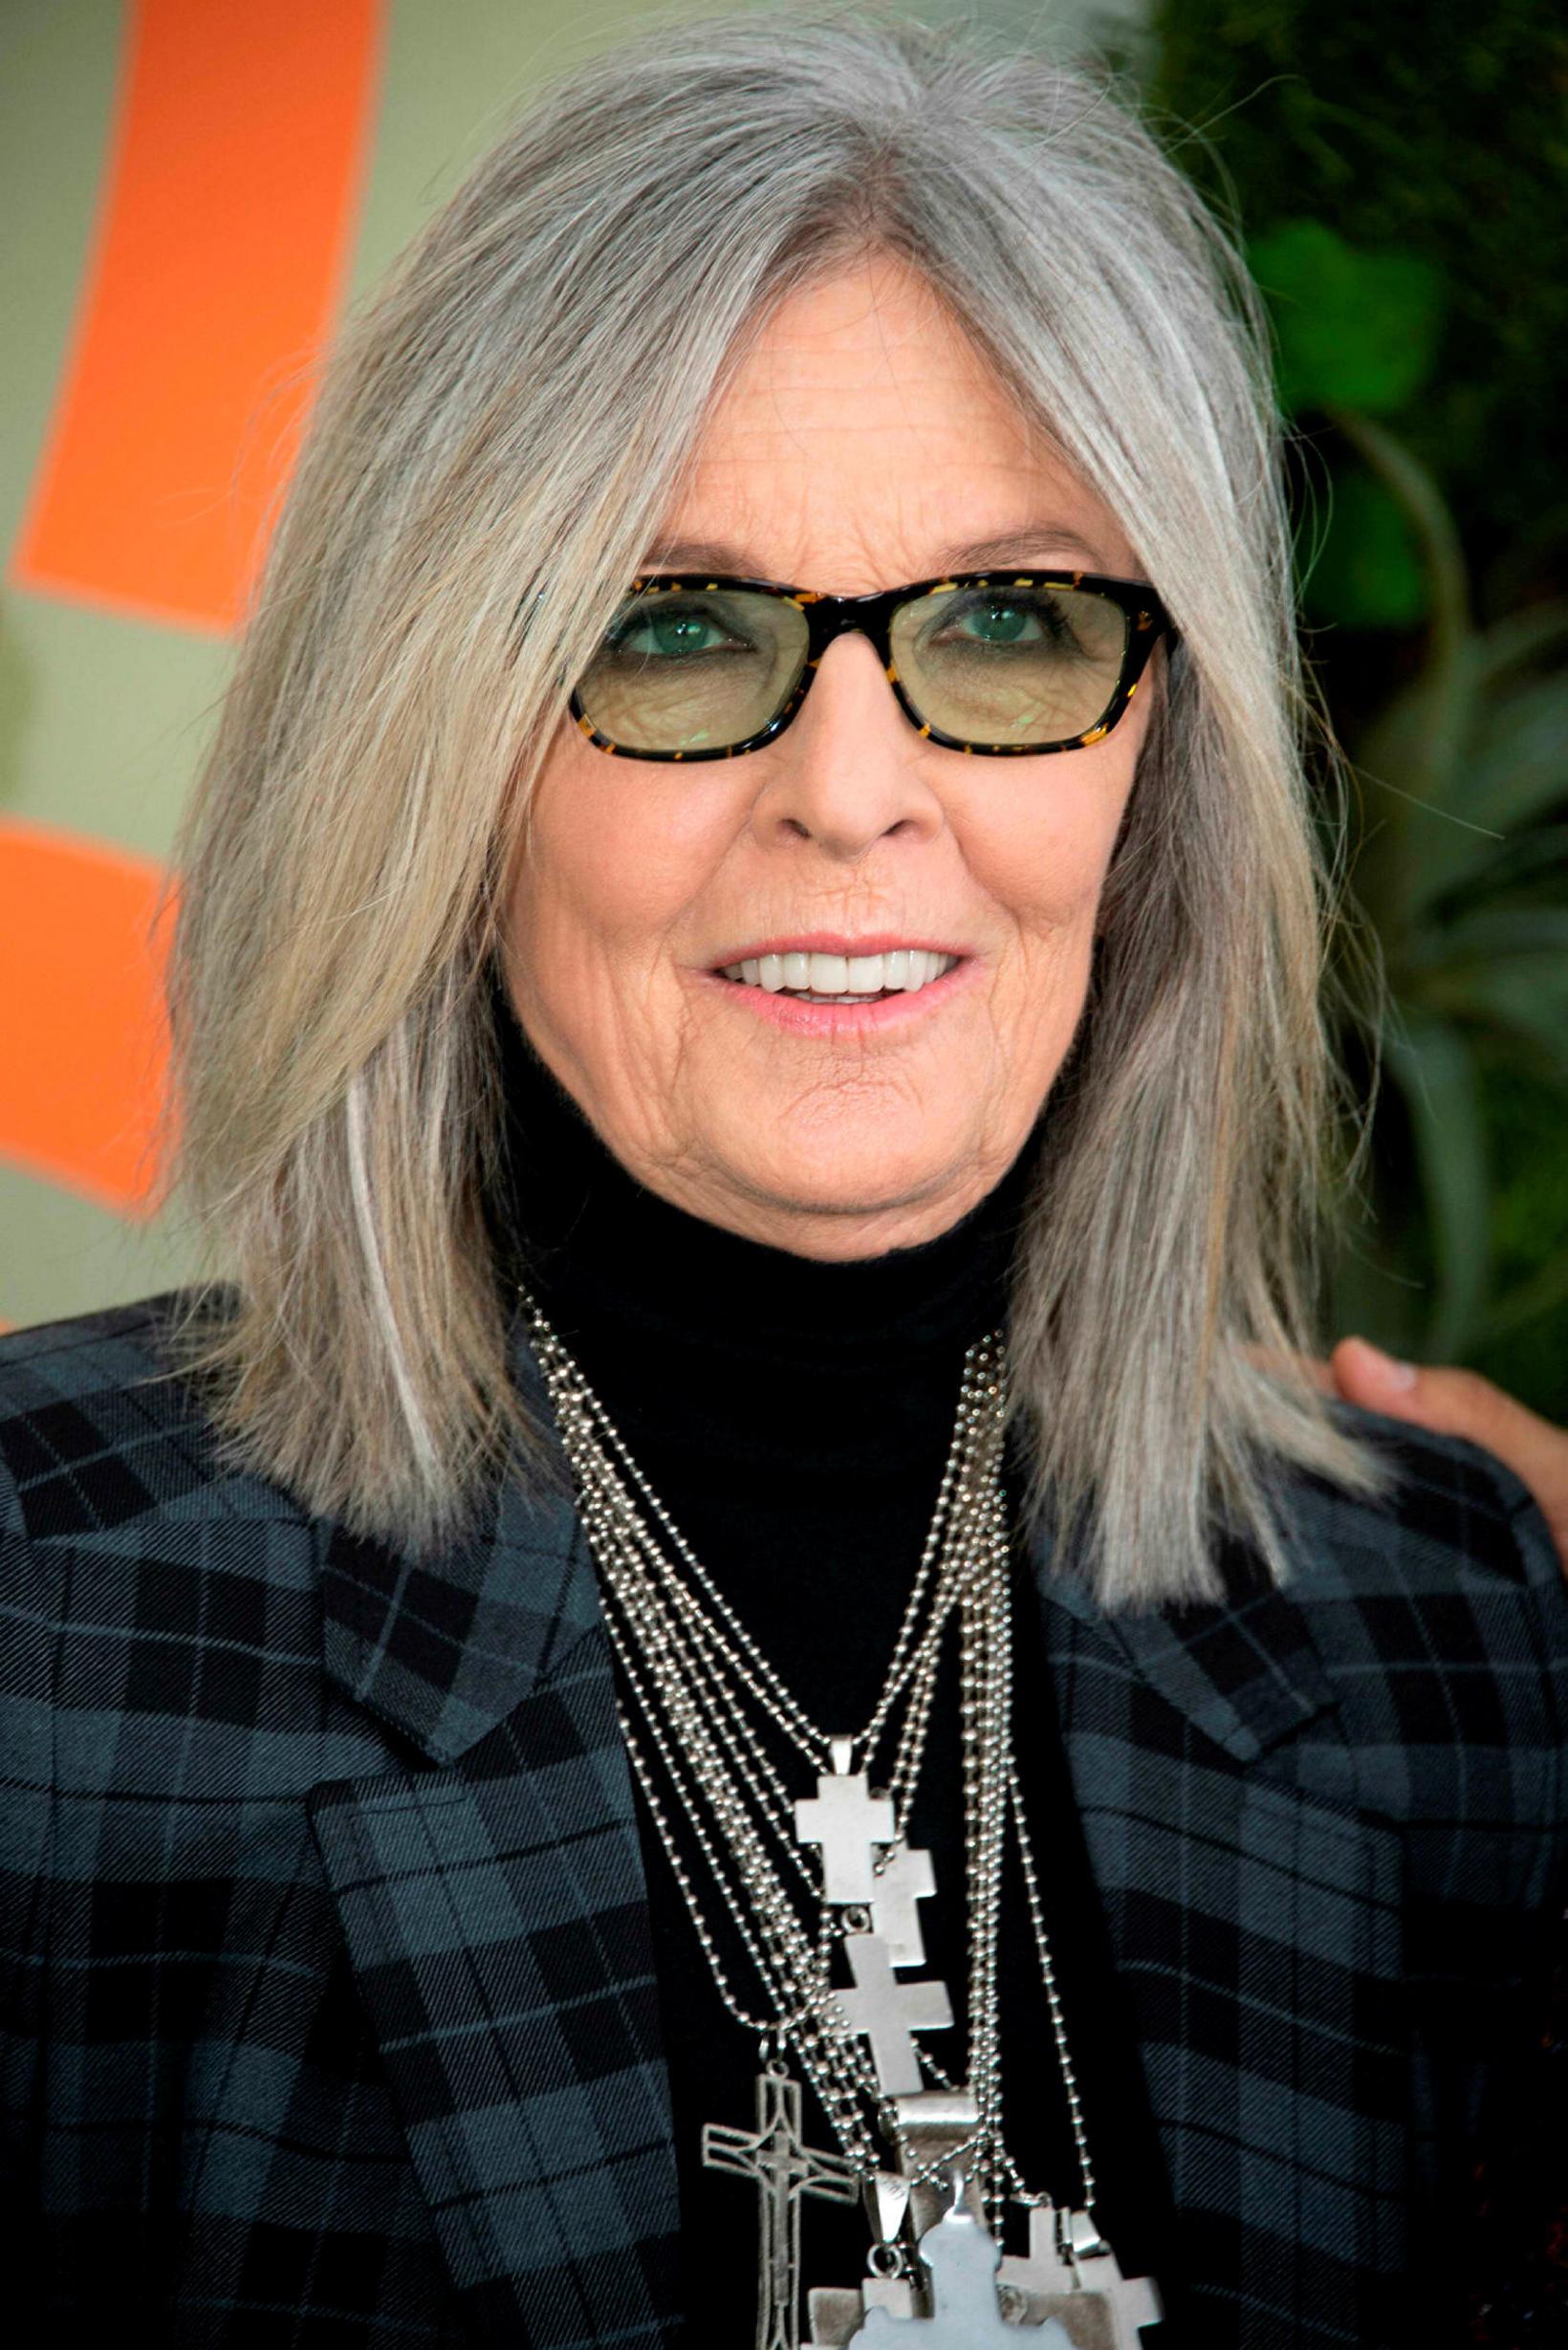 Diane Keaton hefur verið með grátt hár lengi.